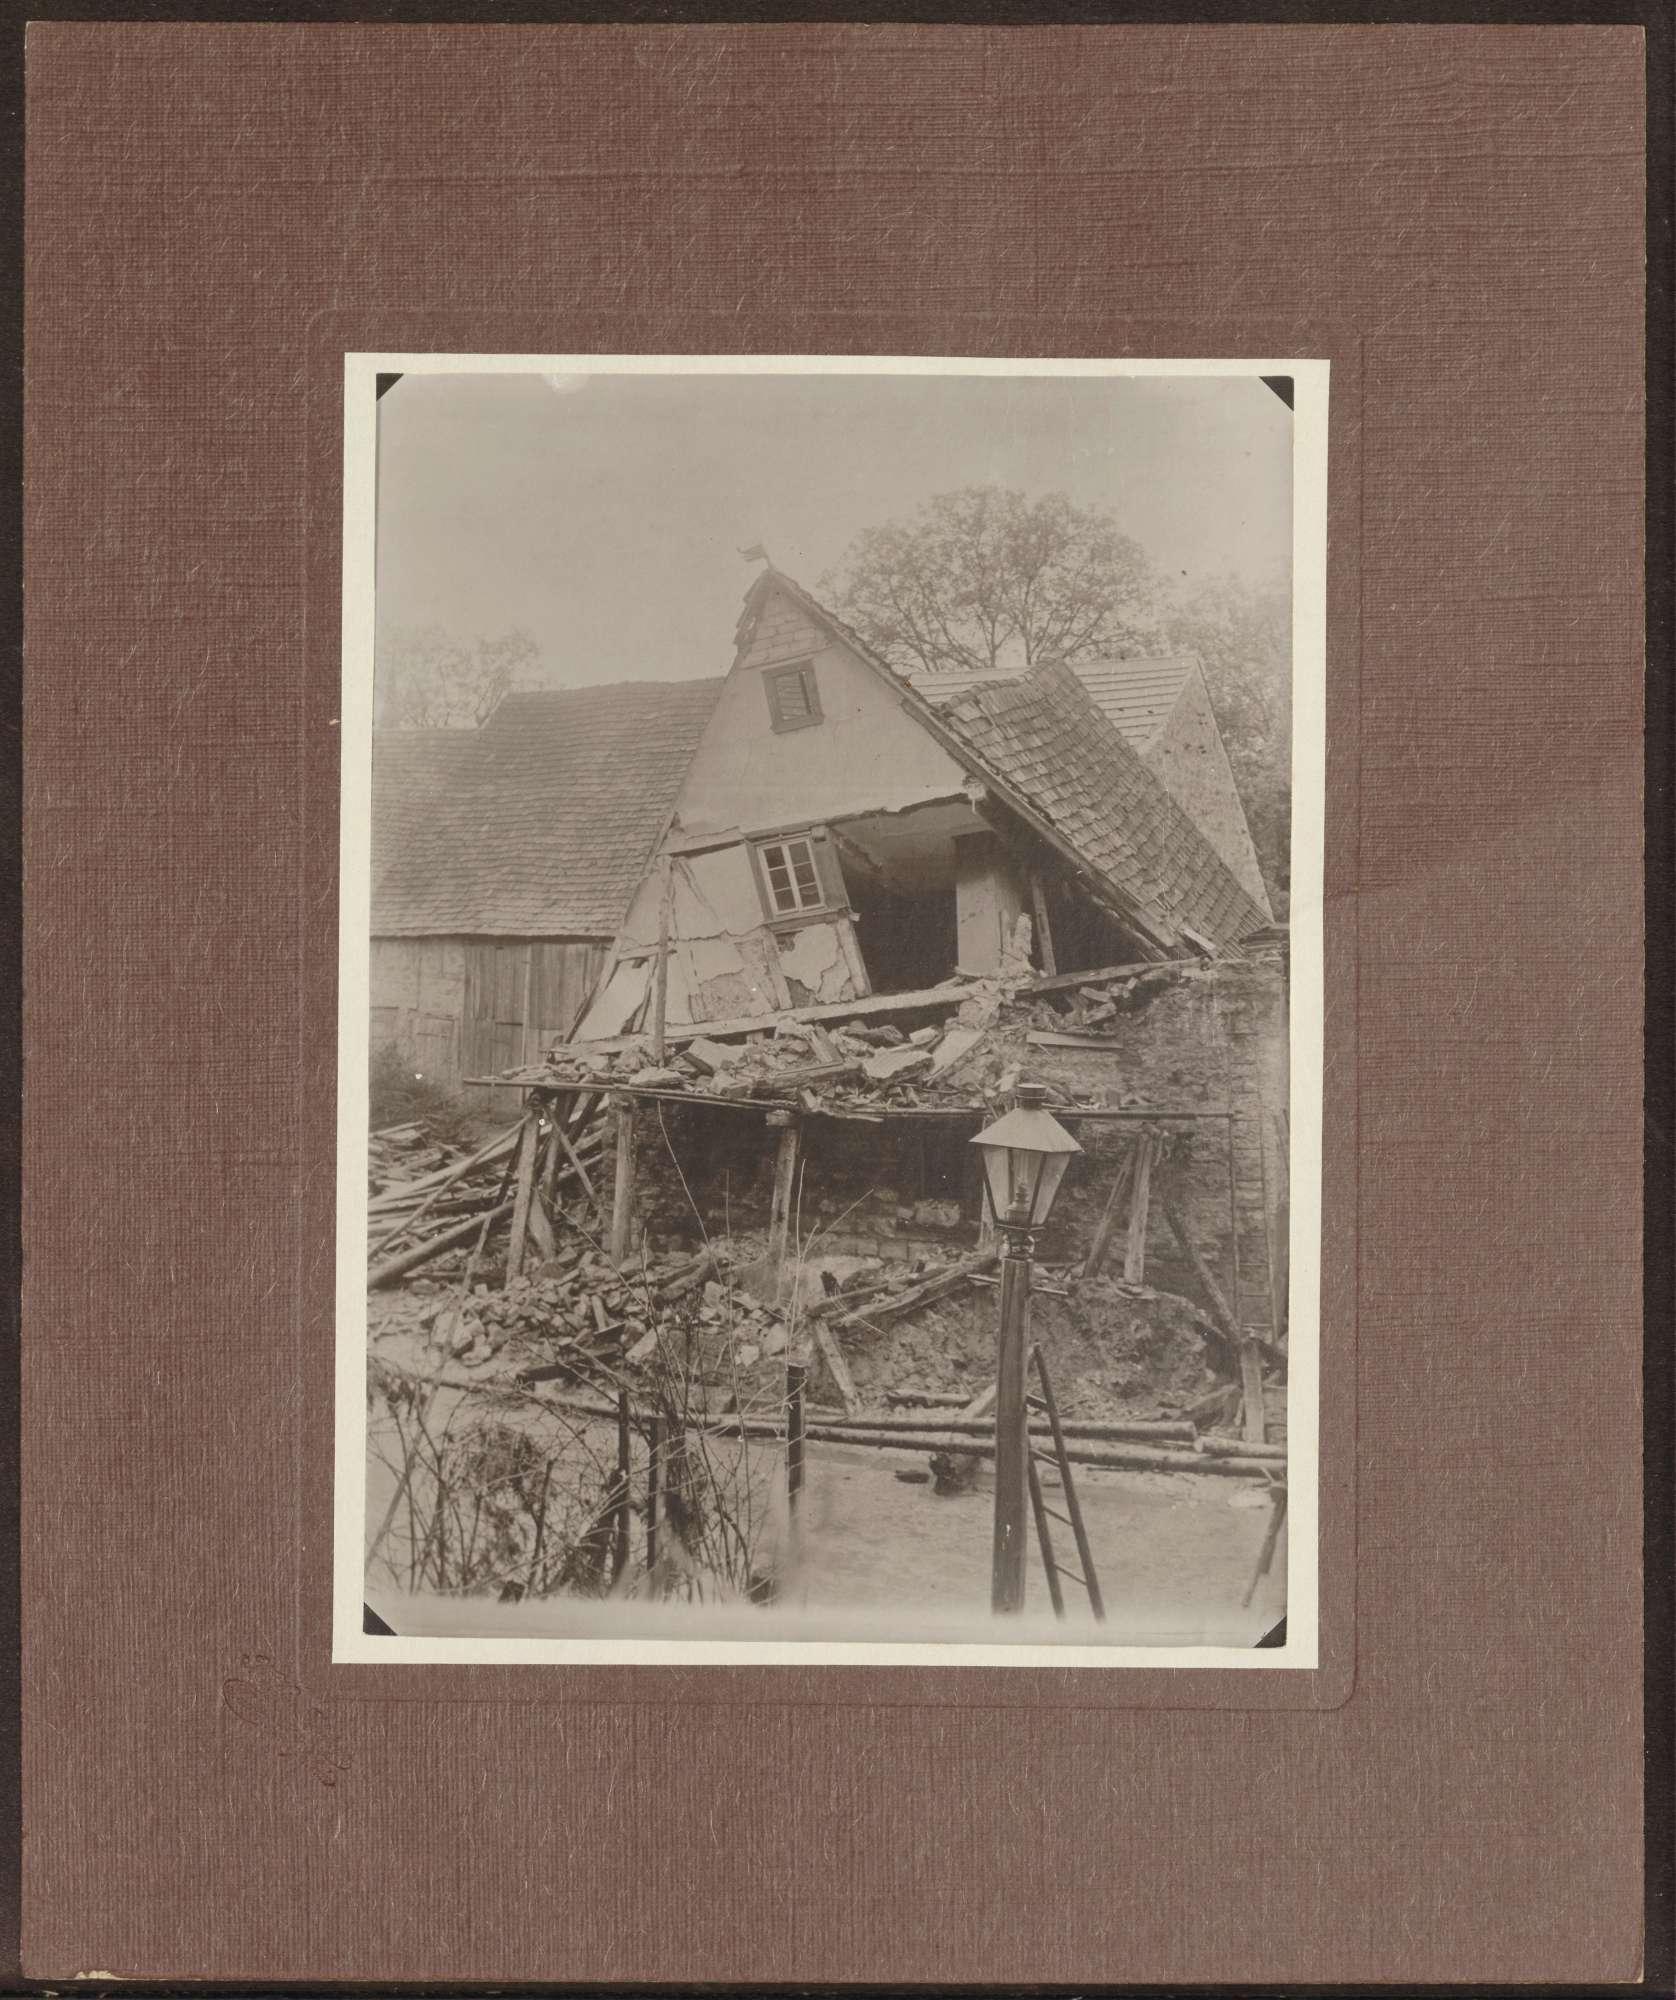 Tauberbischofsheim, Wohnhausruine., Bild 1